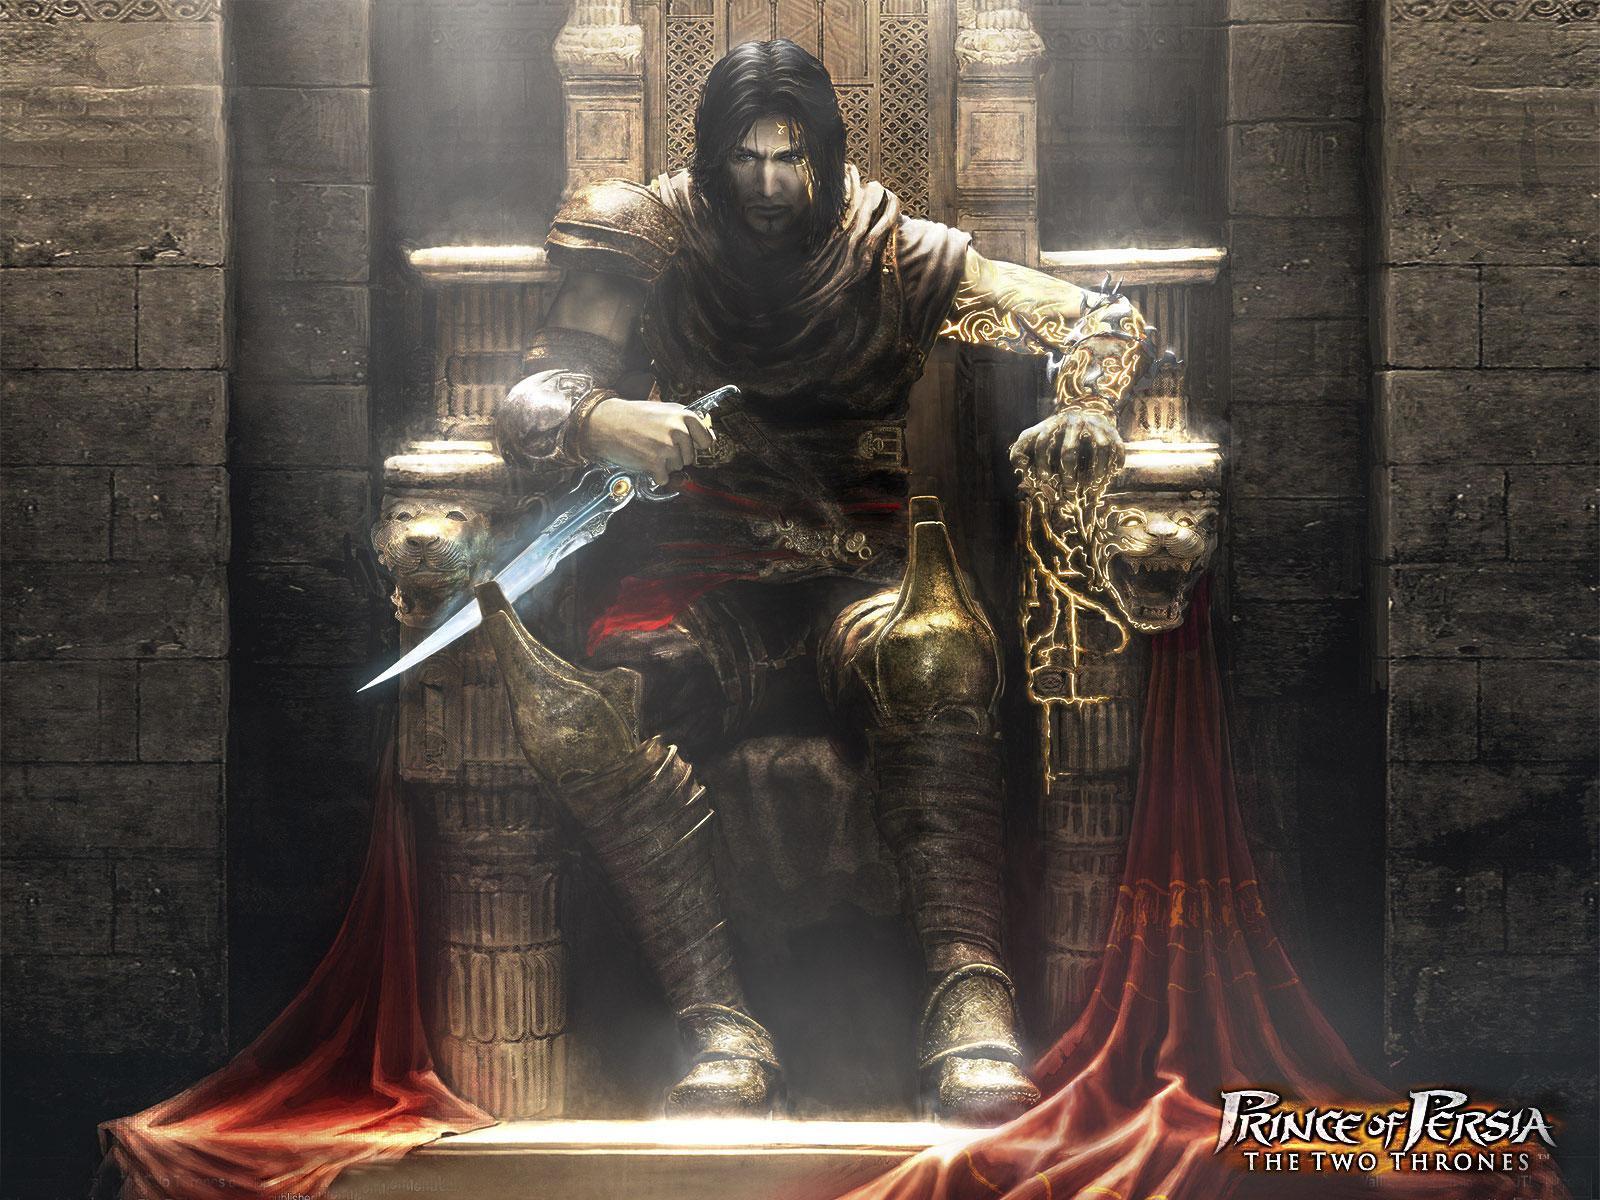 Скачать обои принц персии два трона